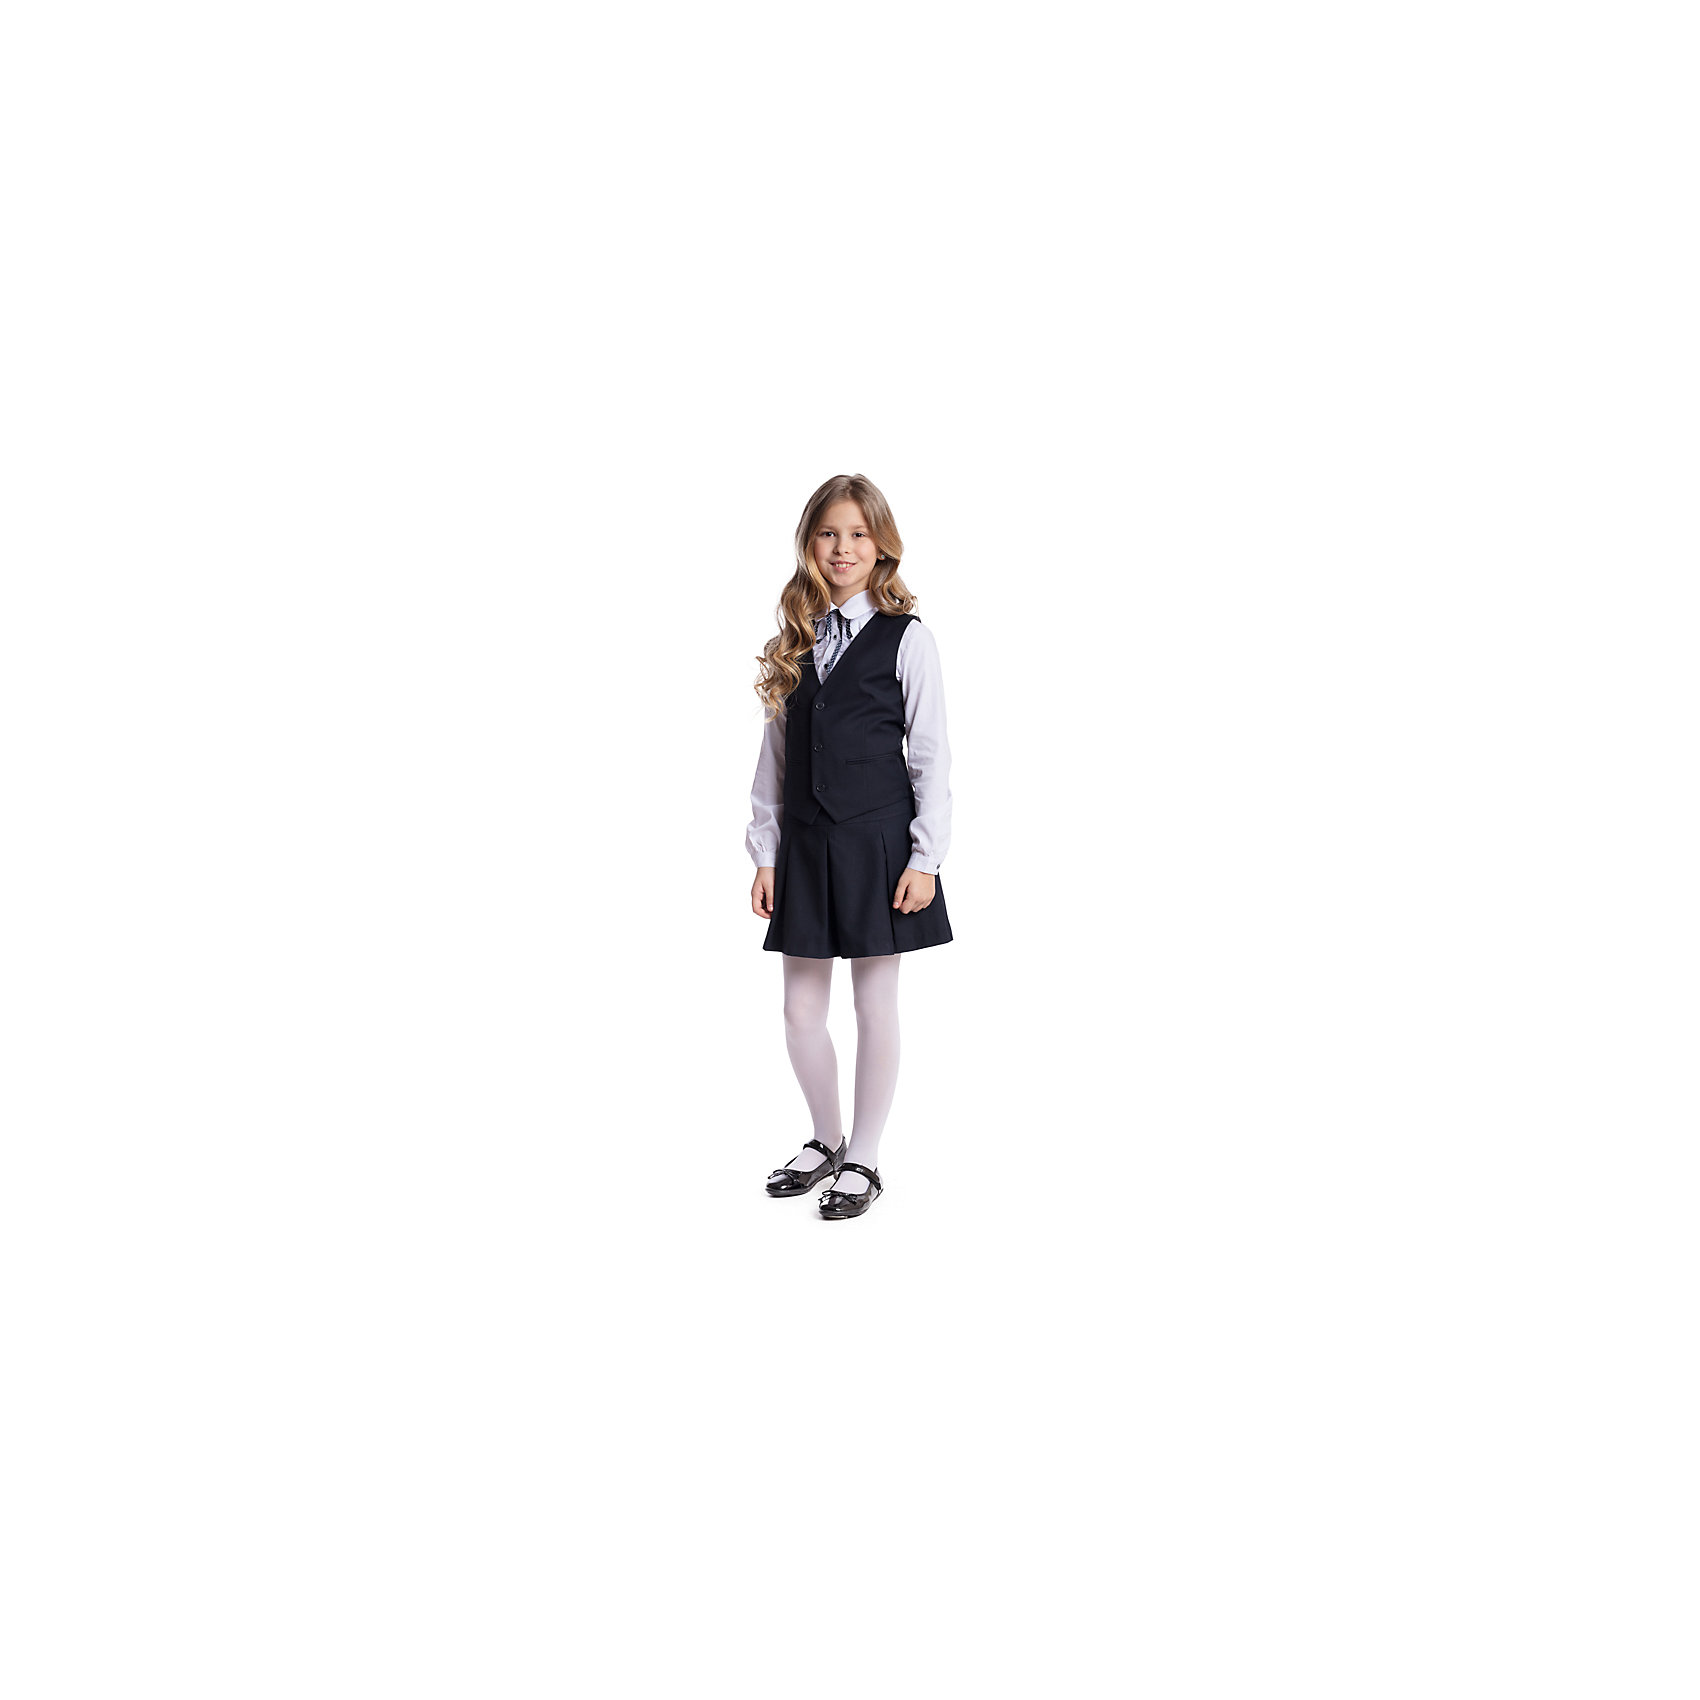 Комплект текстильный для девочки: юбка, жилет ScoolПиджаки и костюмы<br>Комплект текстильный для девочки: юбка, жилет Scool<br>Комплект из жилета и юбки в деловом стиле подойдет для официальных и праздничных мероприятий а также сможет быть одной из базовых вещей повседневного школьного гардероба ребенка. Модель на подкладке с небольшими вшивными карманами. На спинке жилета расположен удобный регулируемый ремешок который позволит изделию хорошо сесть по фигуре. Юбка декорирована бантовыми складками.Преимущества: Удобная застежка - молния расположена на боковой части юбкиСвободный крой не сковывает движений ребенка<br>Состав:<br>Верх: 65% полиэстер, 35% вискоза, Подкладка: 65% полиэстер 35% вискоза<br><br>Ширина мм: 207<br>Глубина мм: 10<br>Высота мм: 189<br>Вес г: 183<br>Цвет: темно-синий<br>Возраст от месяцев: 132<br>Возраст до месяцев: 144<br>Пол: Женский<br>Возраст: Детский<br>Размер: 158,164,122,128,134,140,146,152<br>SKU: 6754782